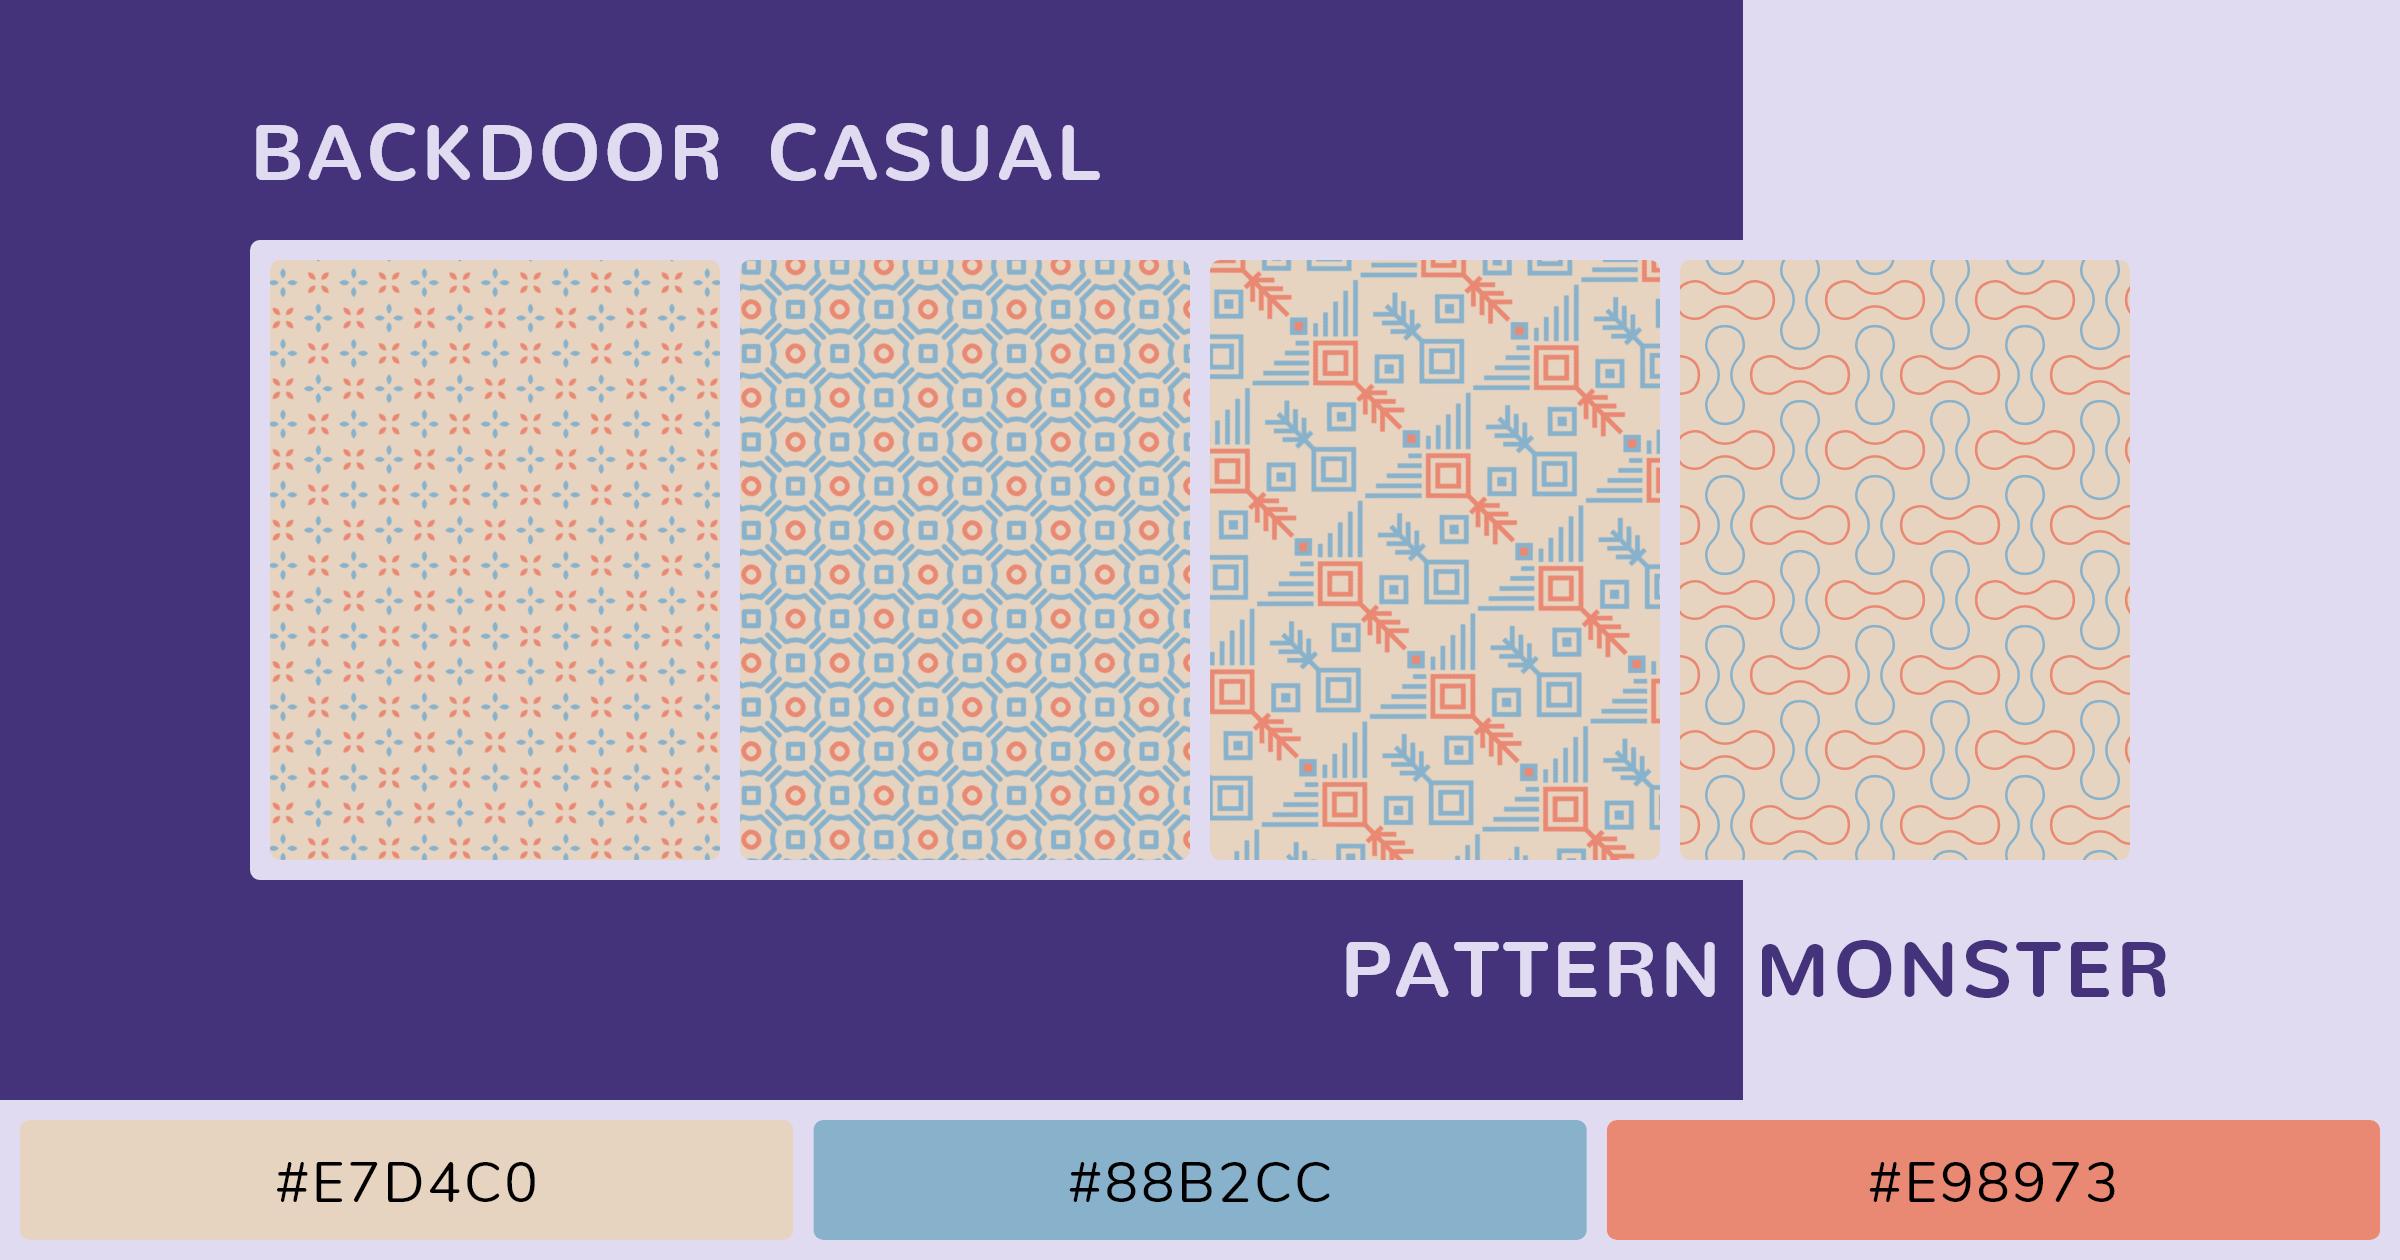 Backdoor Casual